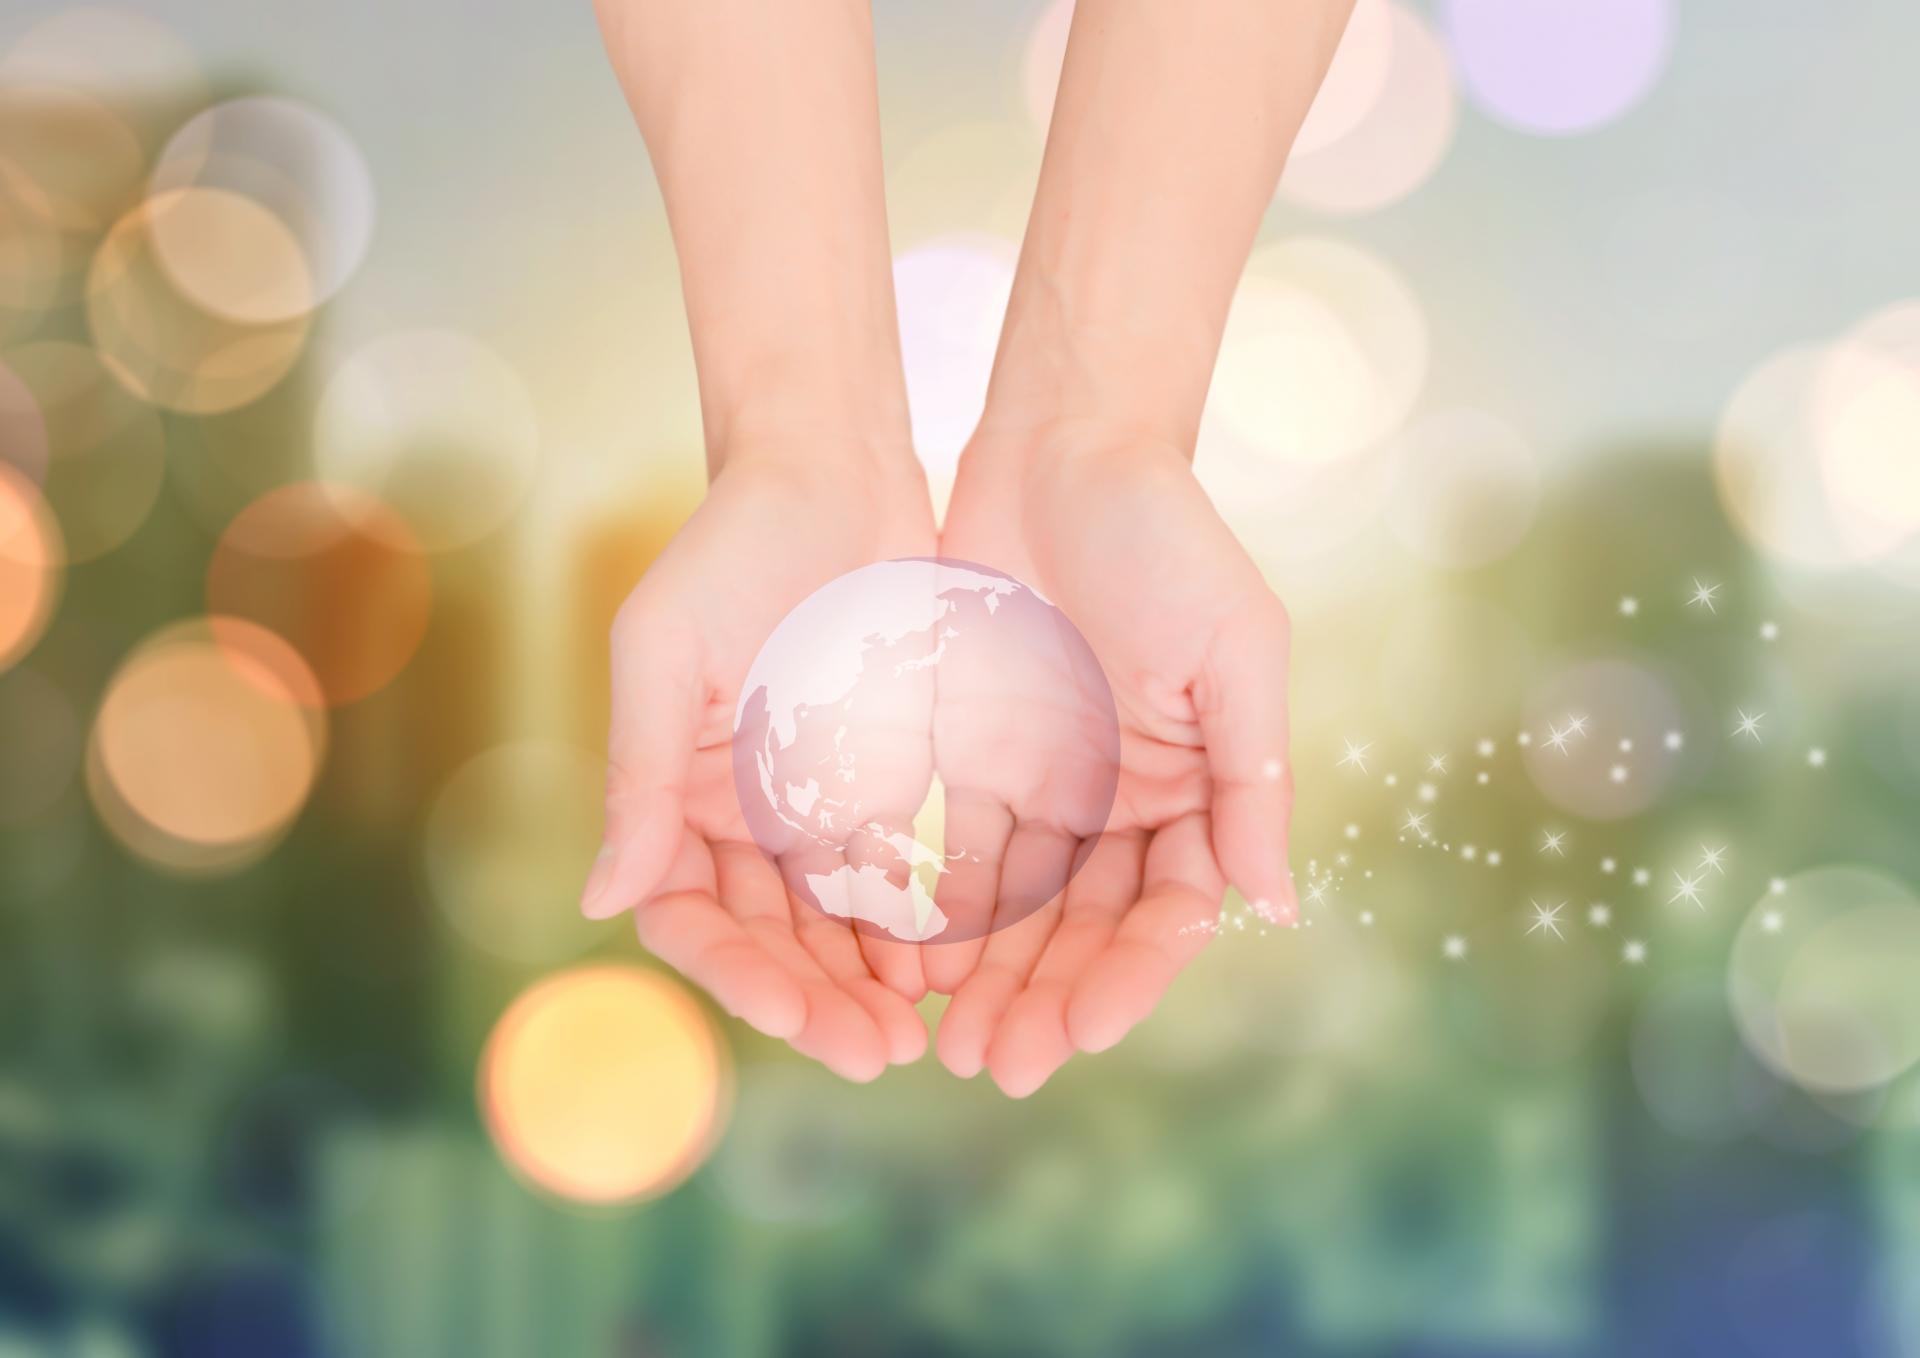 持続可能なみらいを自分たちの手で!薬剤師 松田社長インタビュー